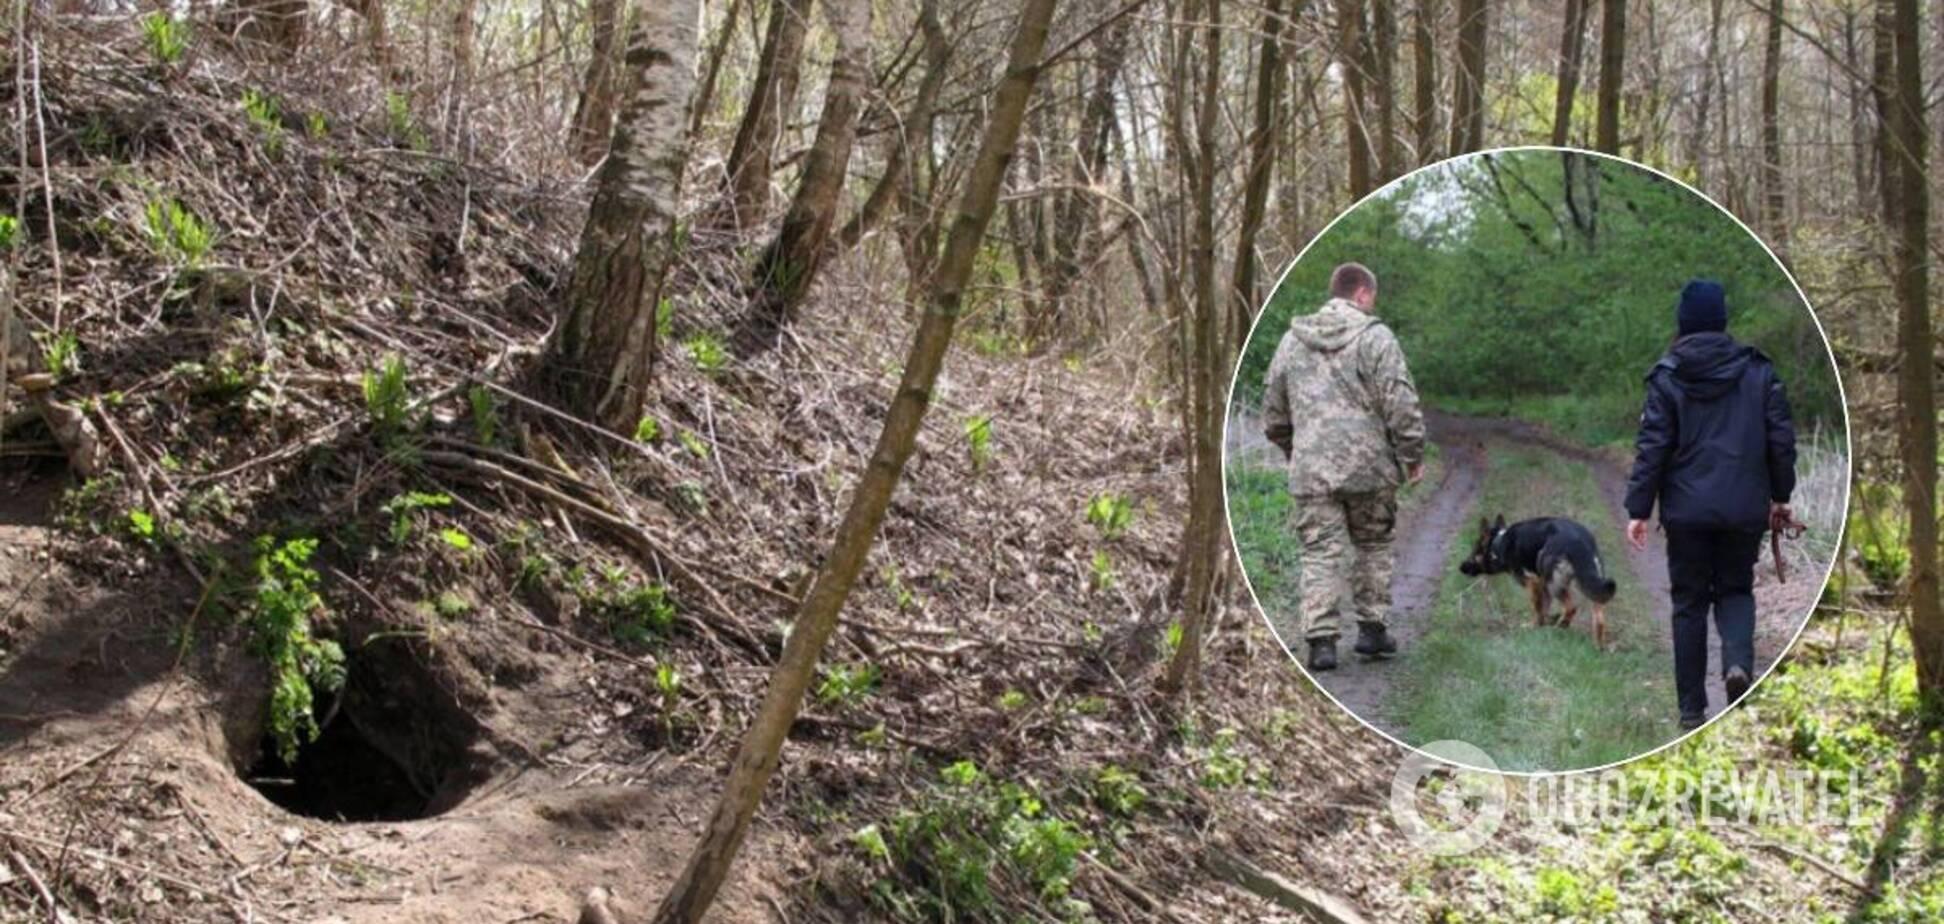 Пошла за водой и пропала: на Винниччине в лисьей норе нашли 16-летнюю девушку